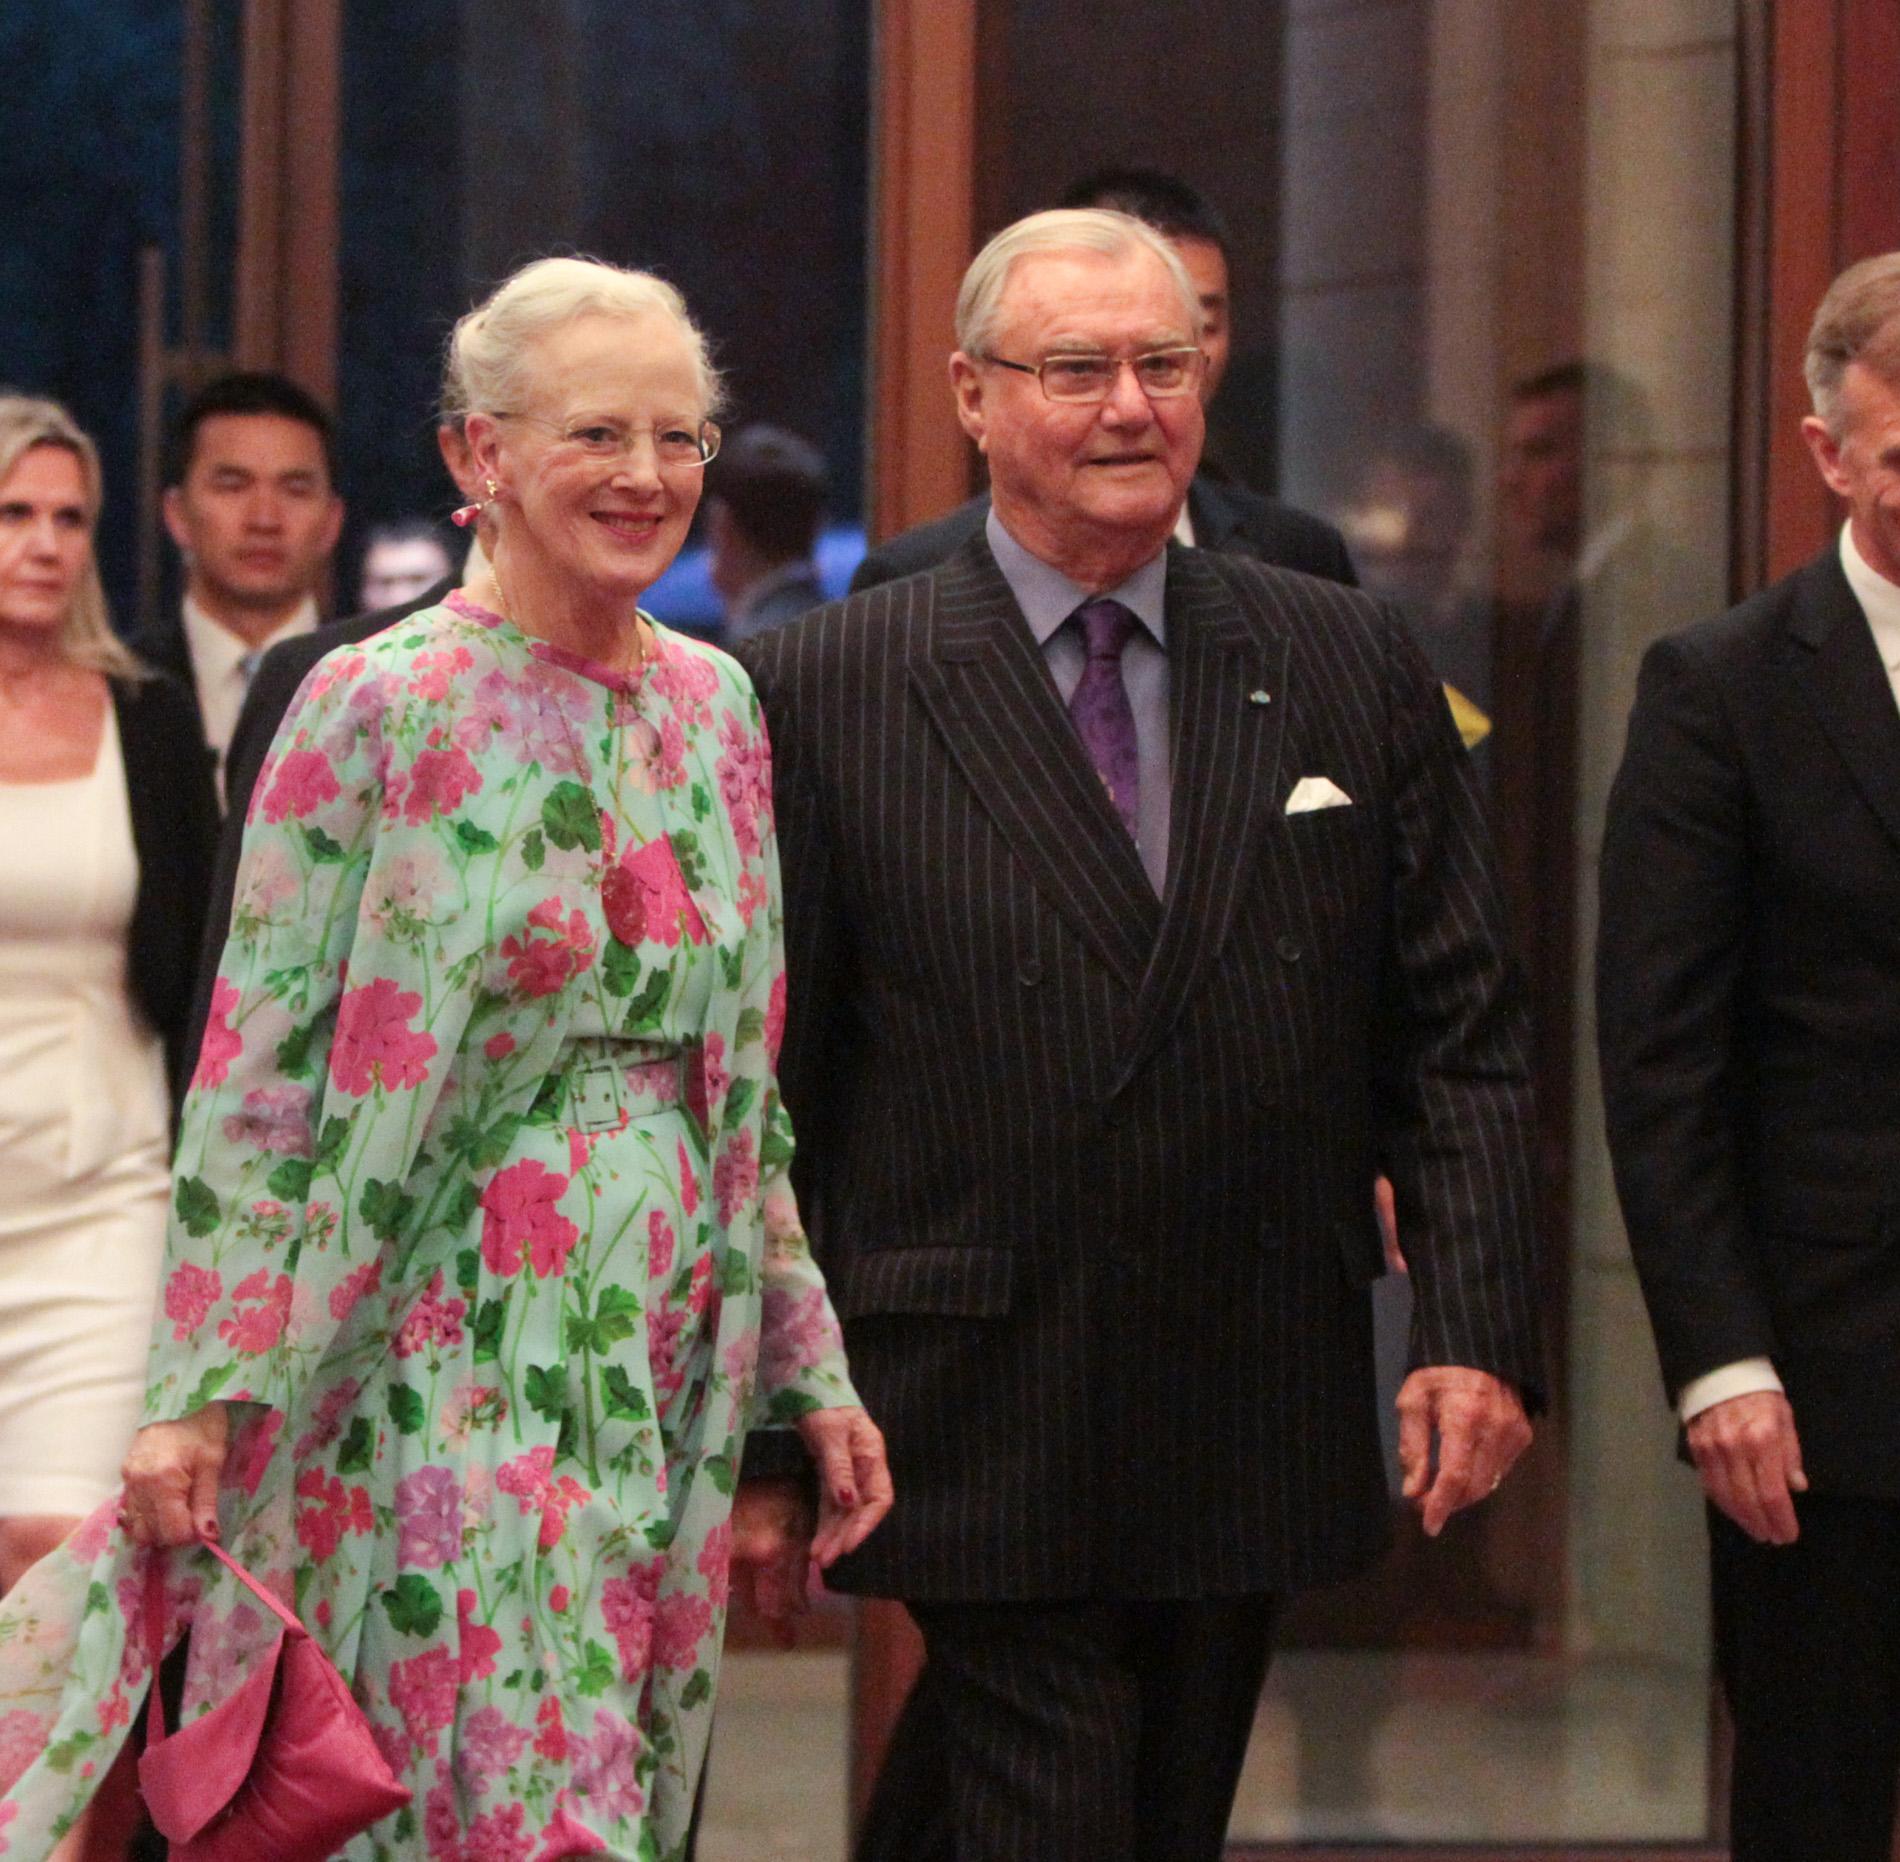 La reine Margrethe II du Danemark et le prince Henrik